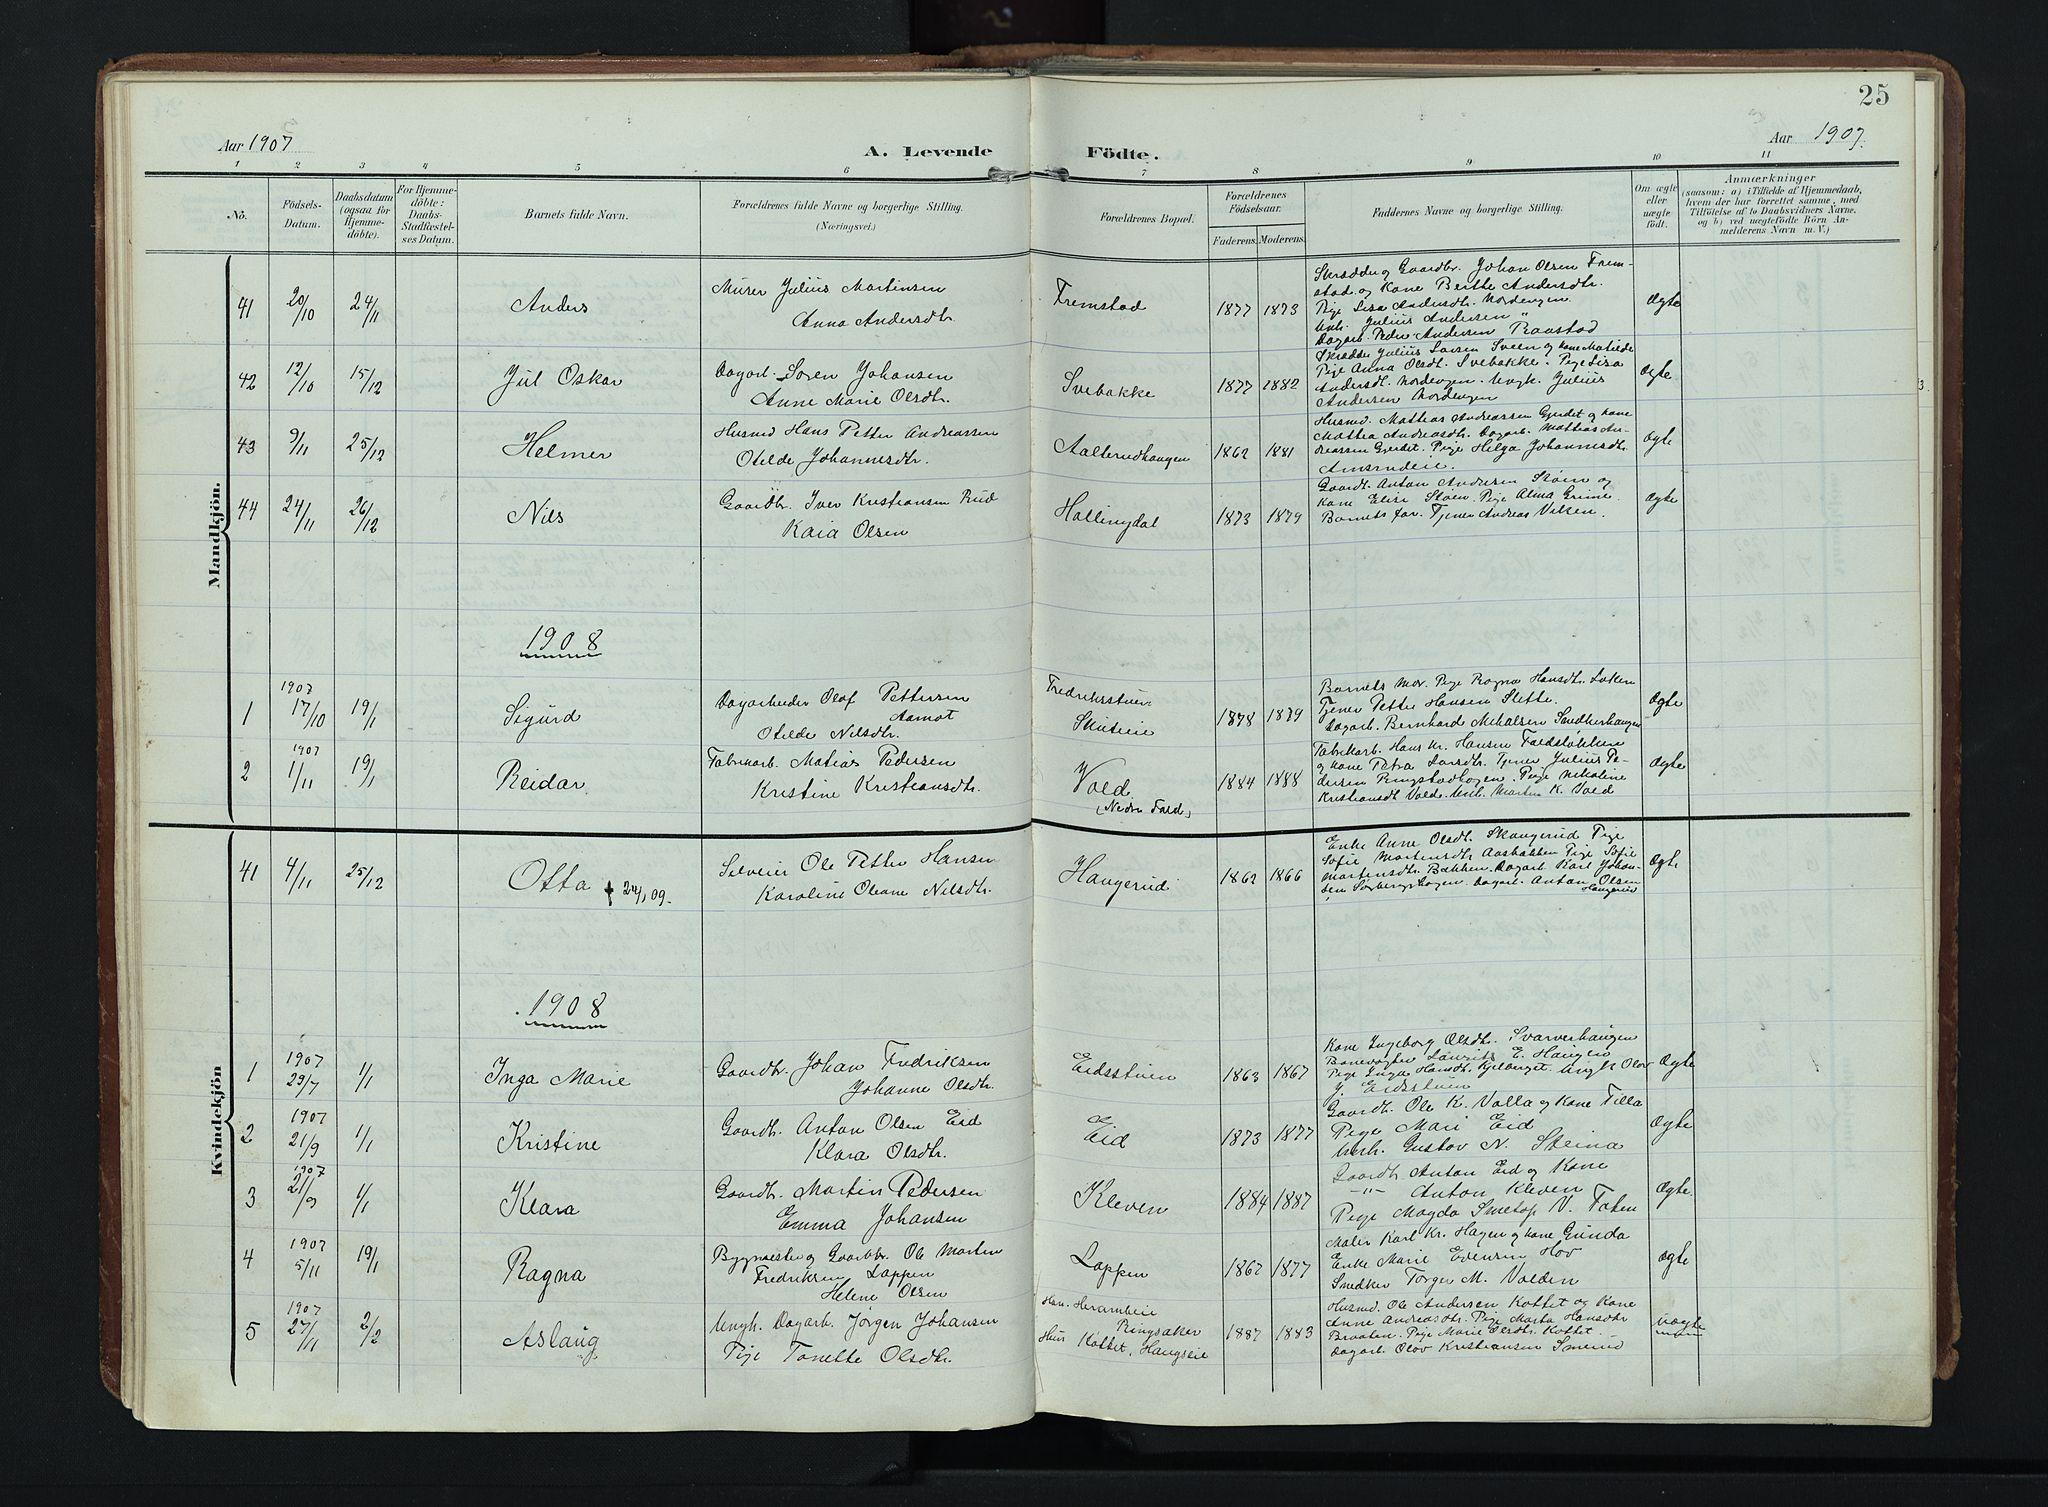 SAH, Søndre Land prestekontor, K/L0007: Ministerialbok nr. 7, 1905-1914, s. 25